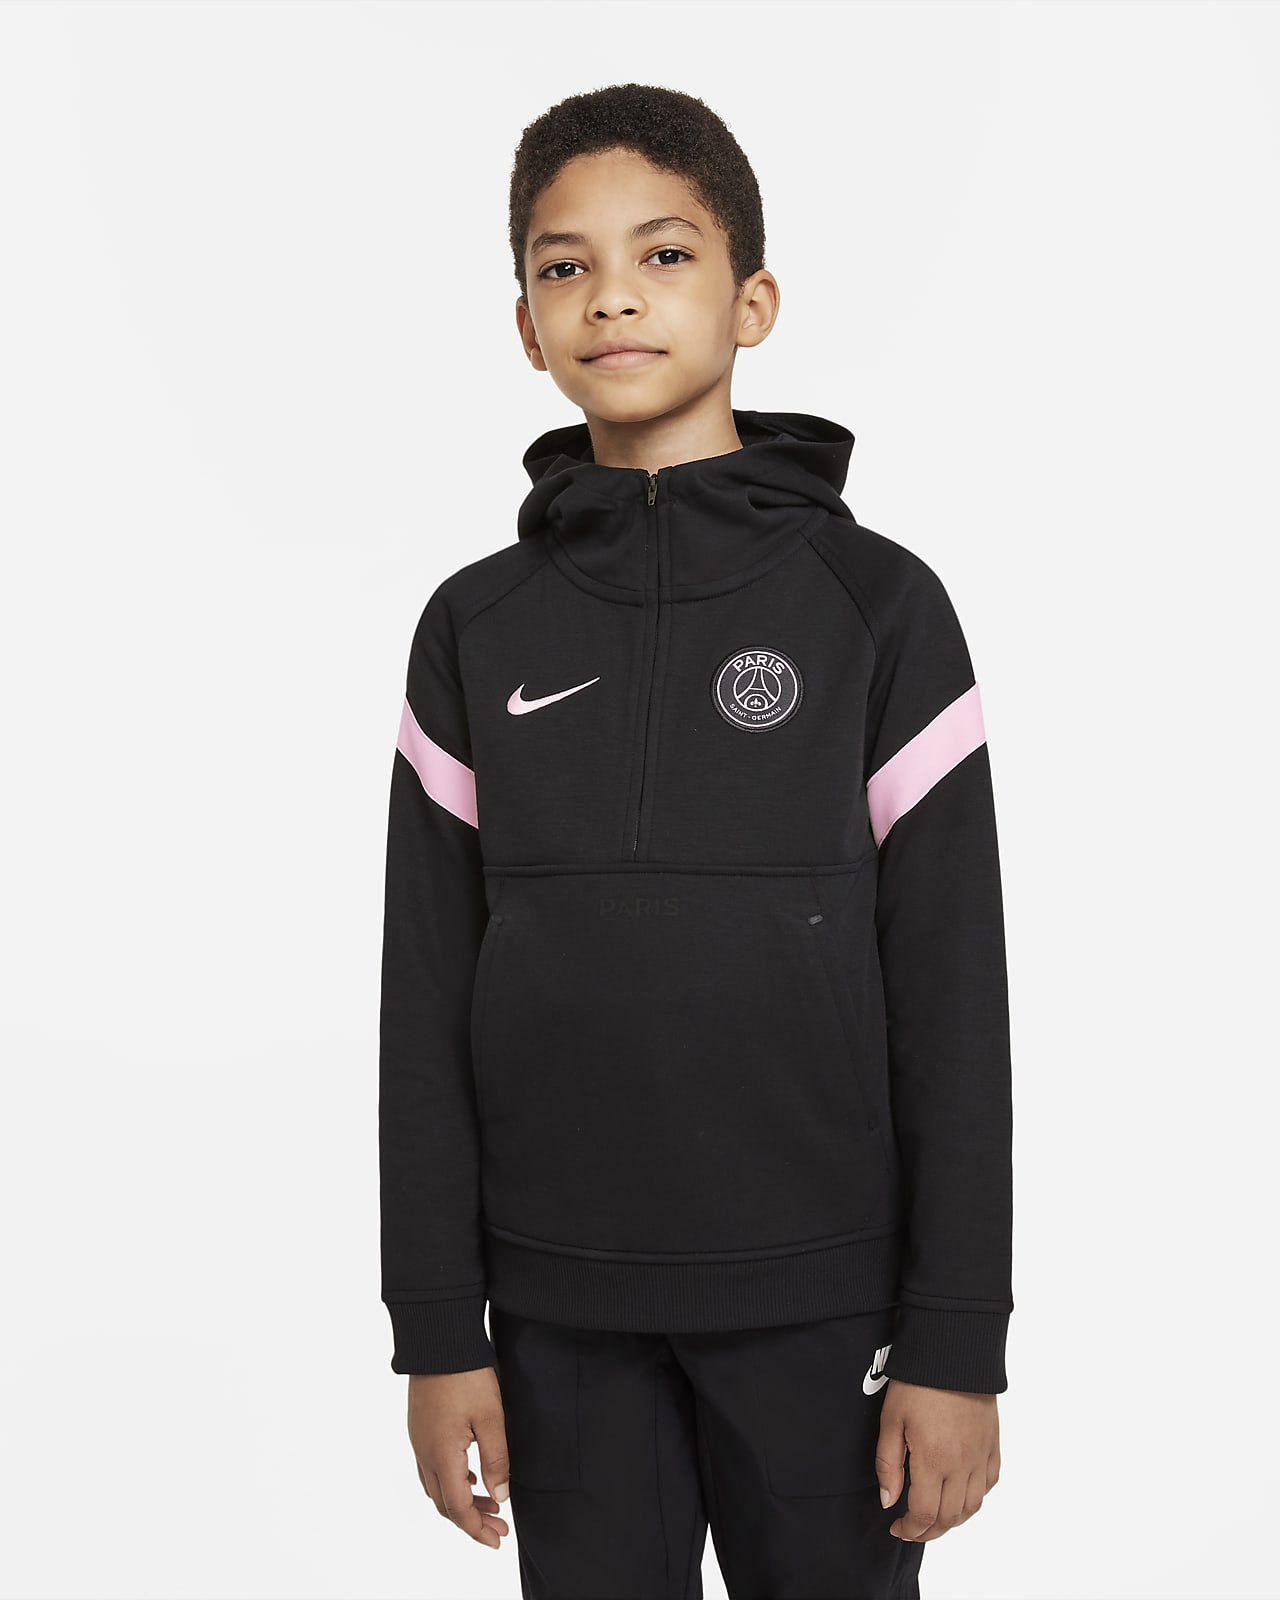 Paris Saint-Germain Older Kids' Nike Dri-FIT Football Hoodie